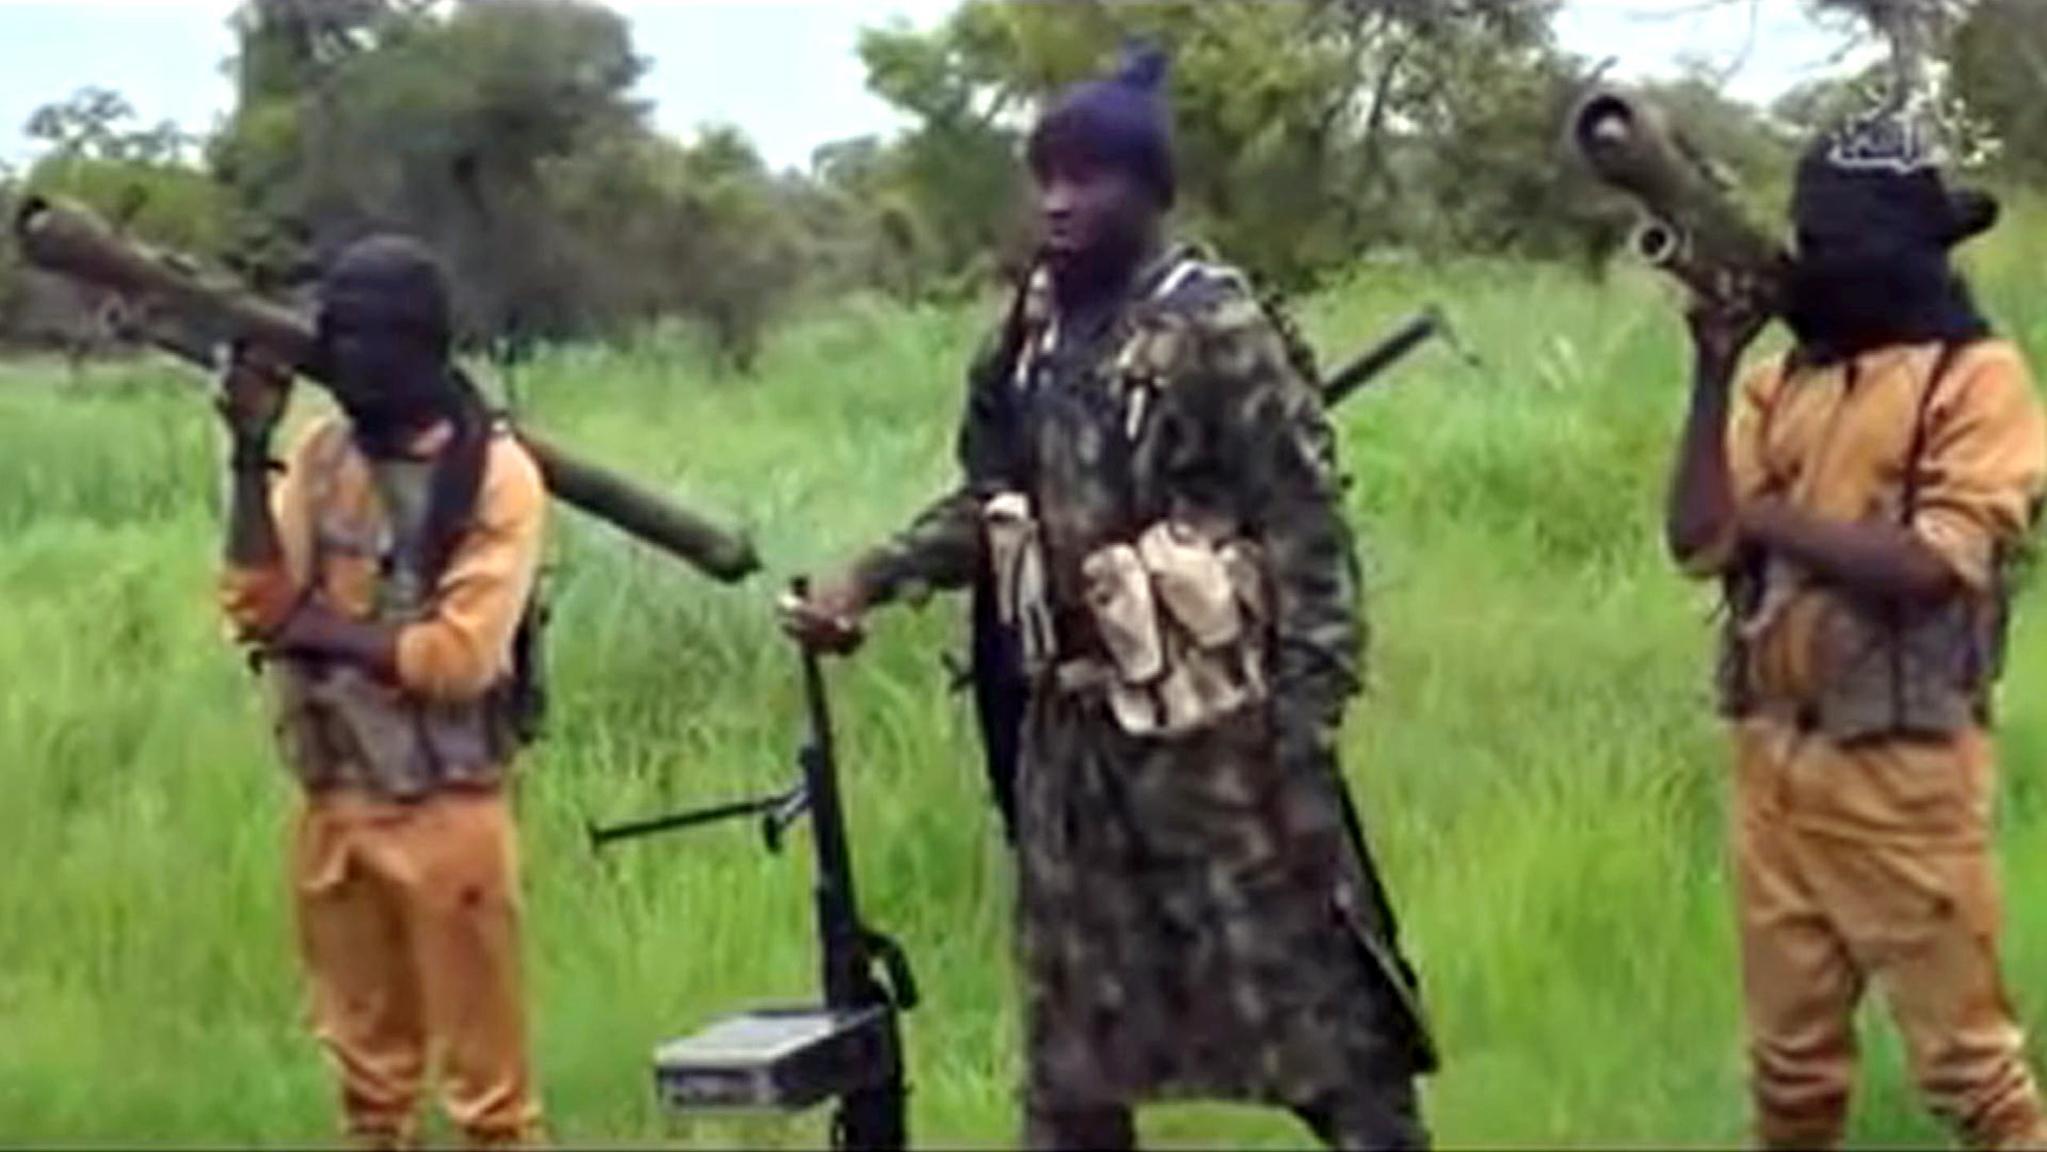 A gyermekbénulás visszatért Nigériába az oltásellenes terroristák miatt